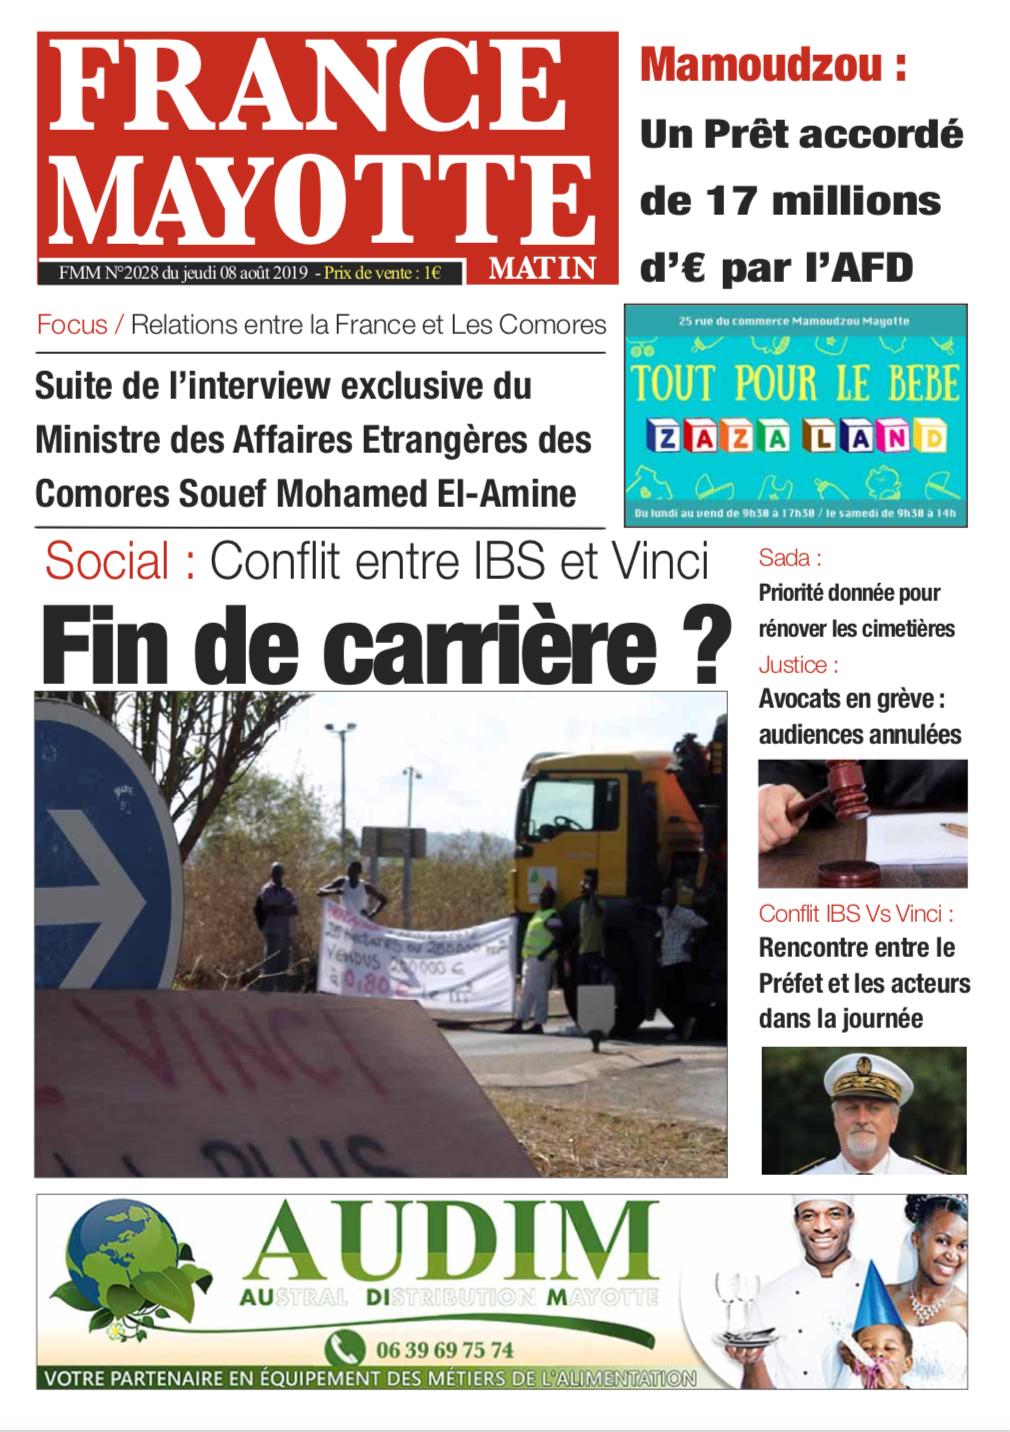 France Mayotte Jeudi 8 août 2019